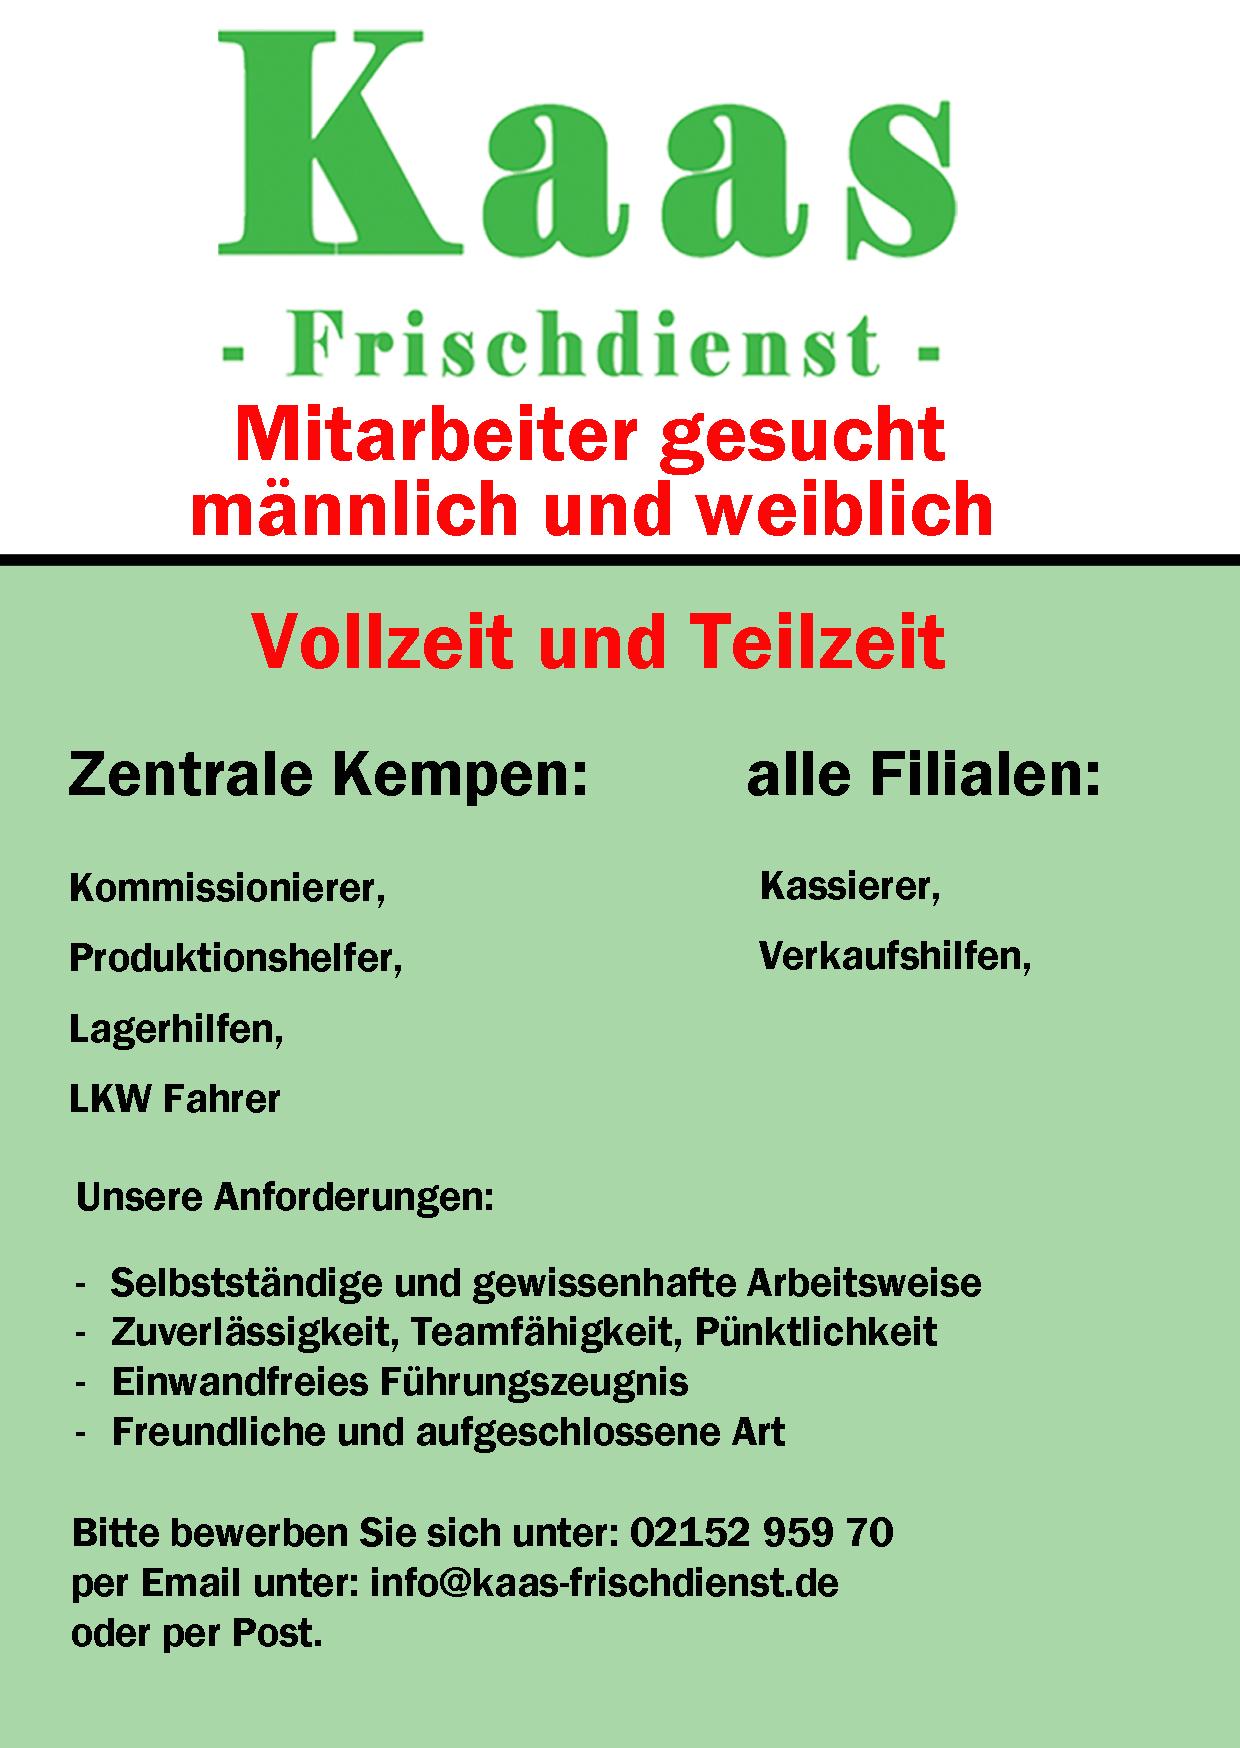 Kaas Frisch nst